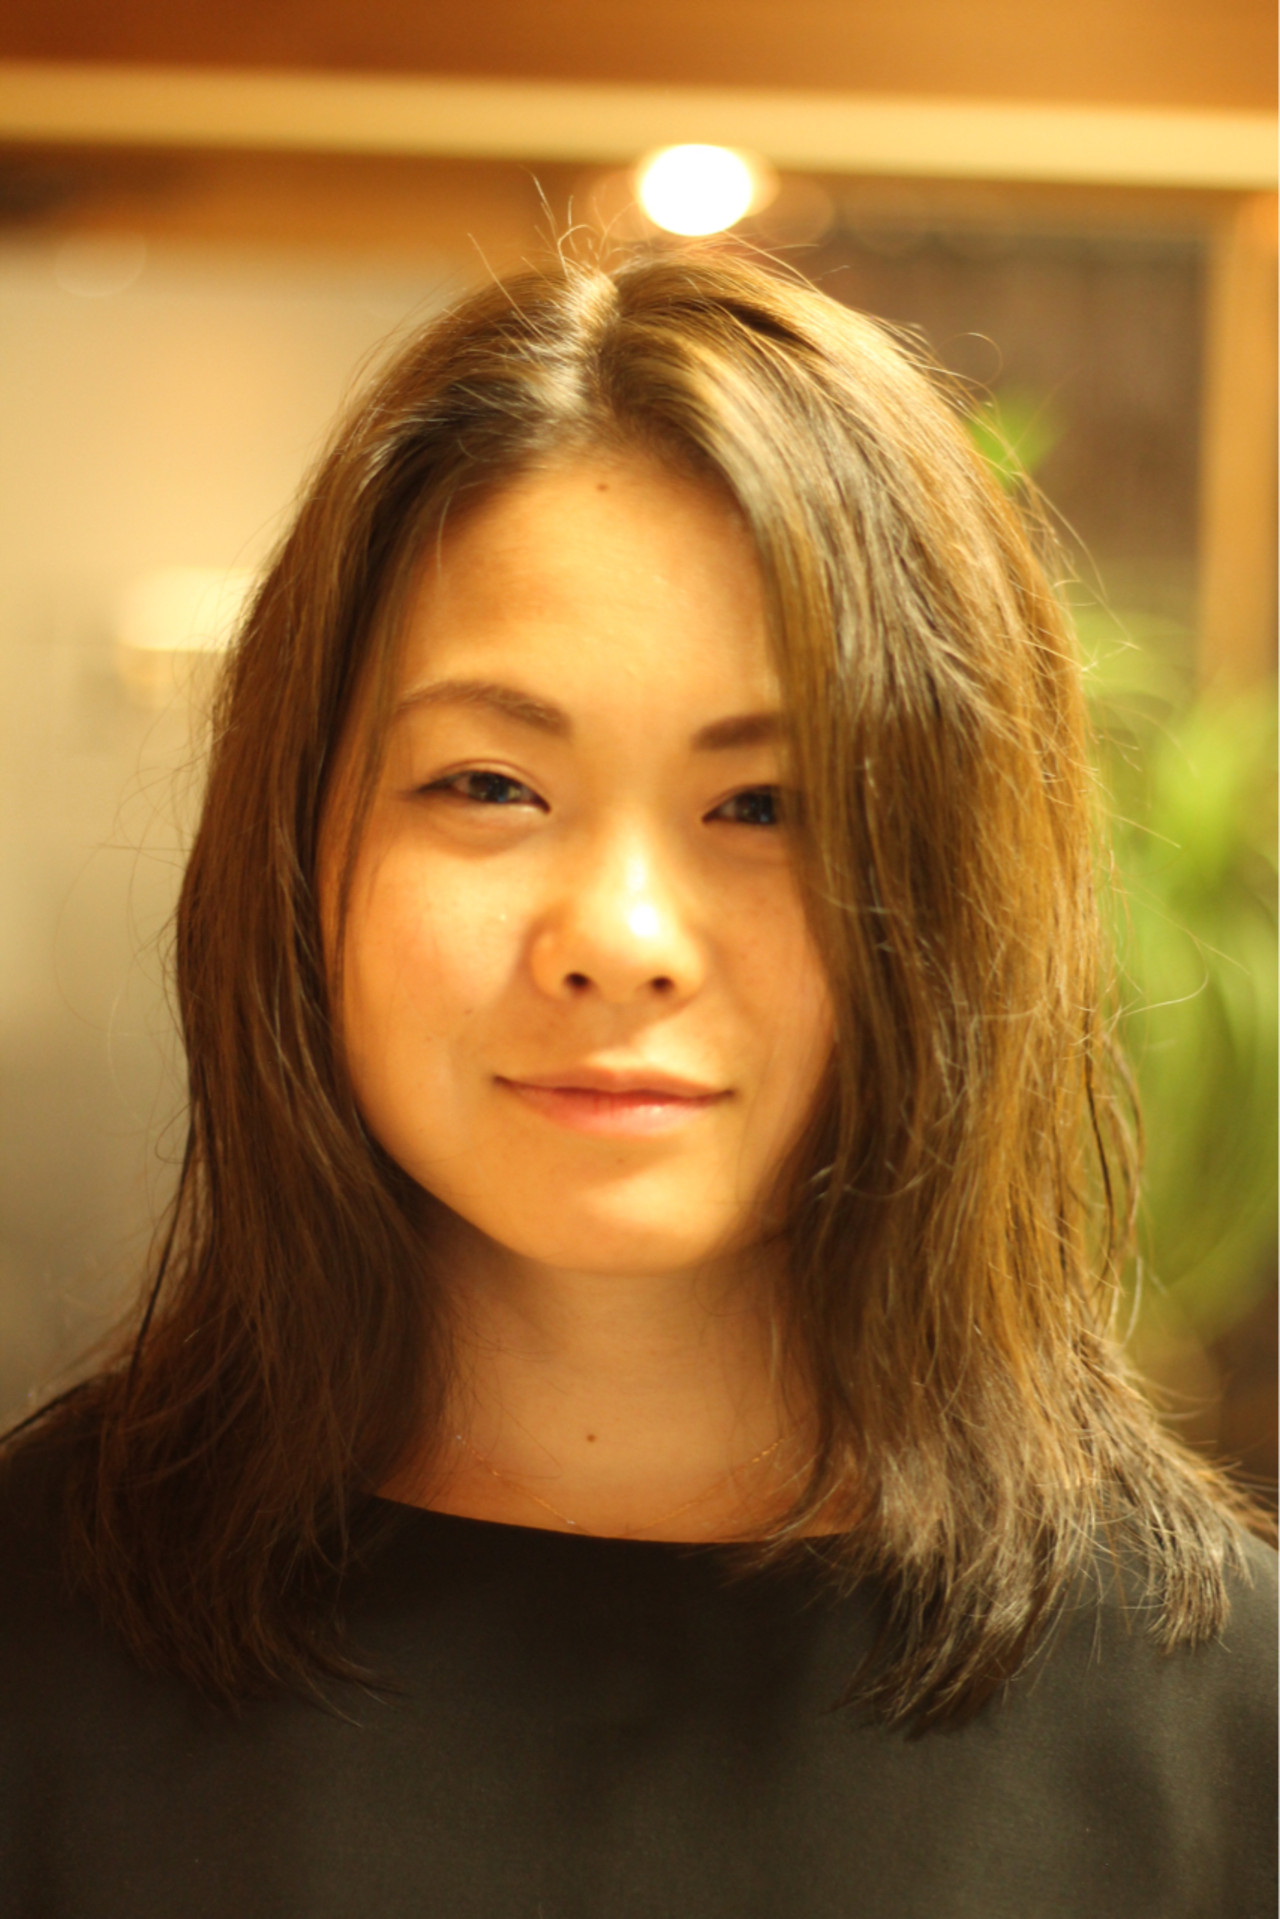 ガーリー モテ髪 セミロング 透明感 ヘアスタイルや髪型の写真・画像